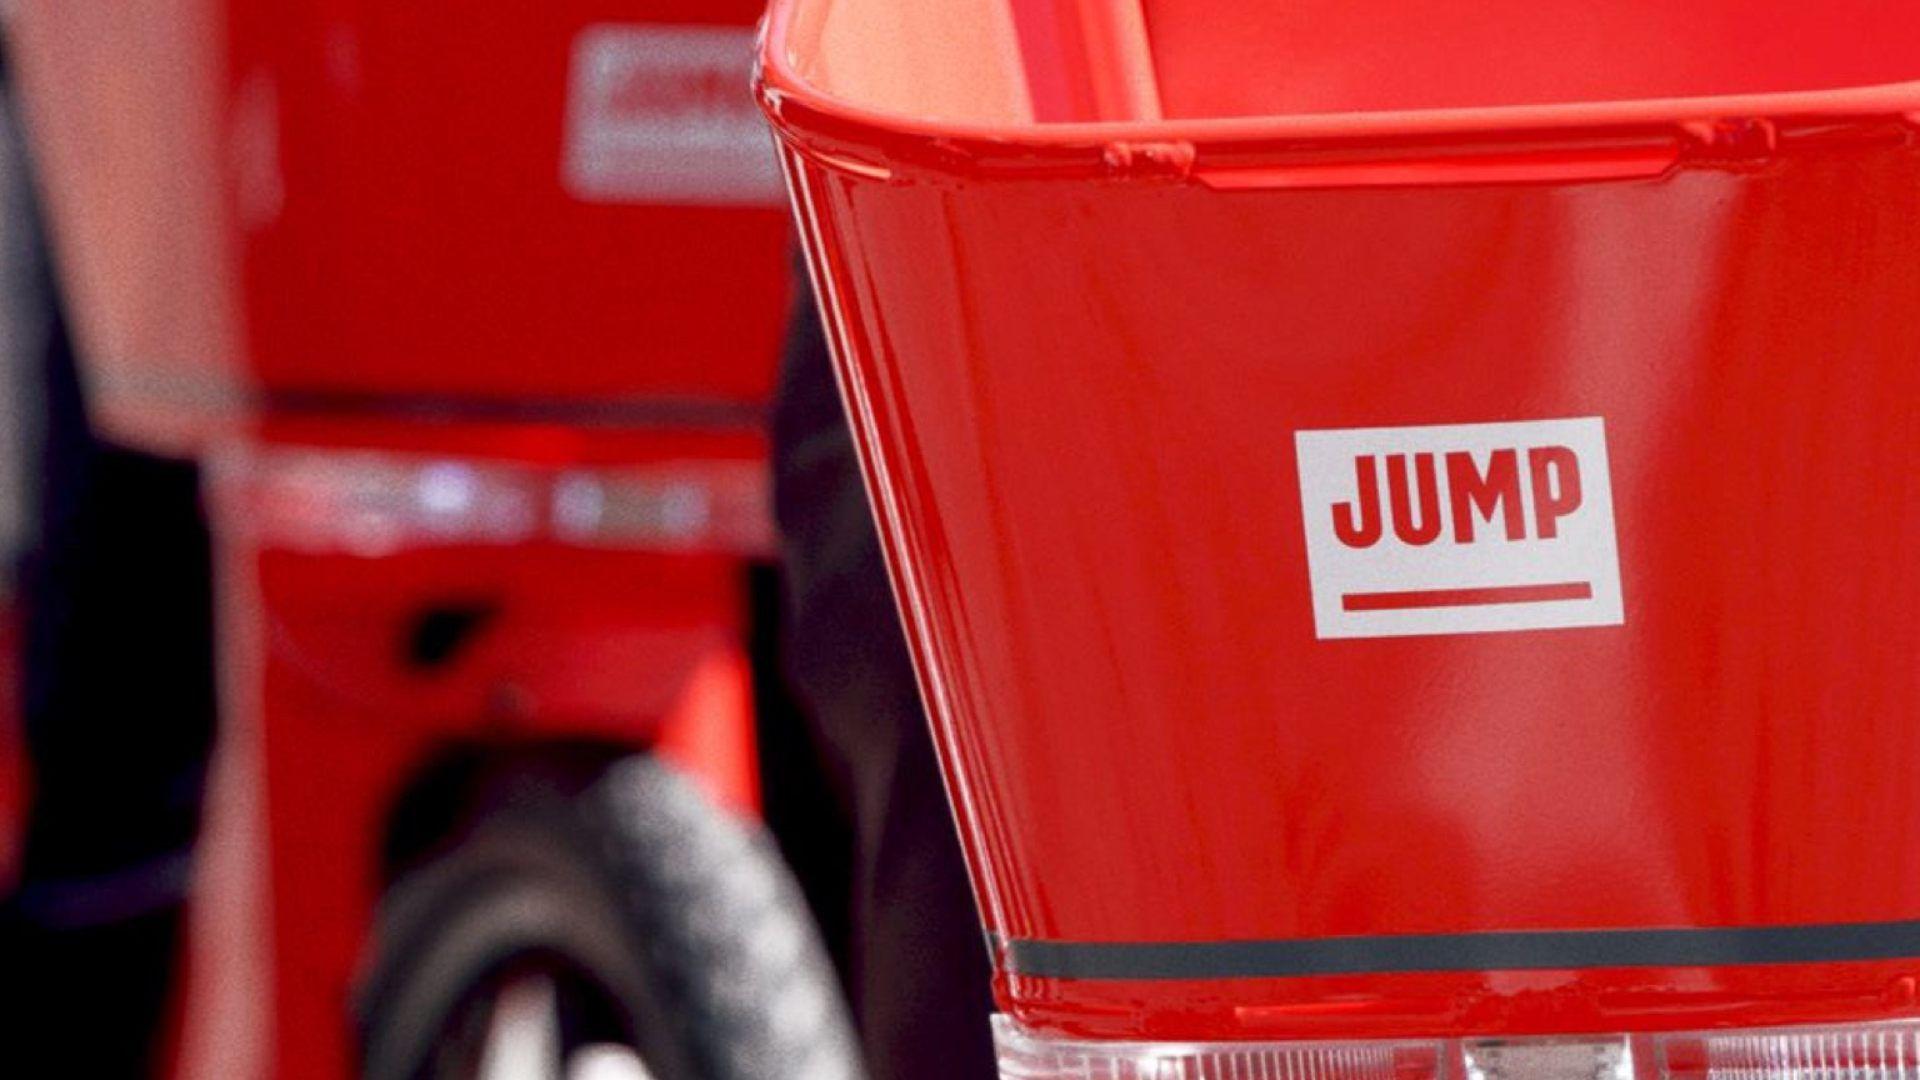 Jump comenzará a dar servicio desde el 14 de agosto en la capital mexicana (Foto: Uber)